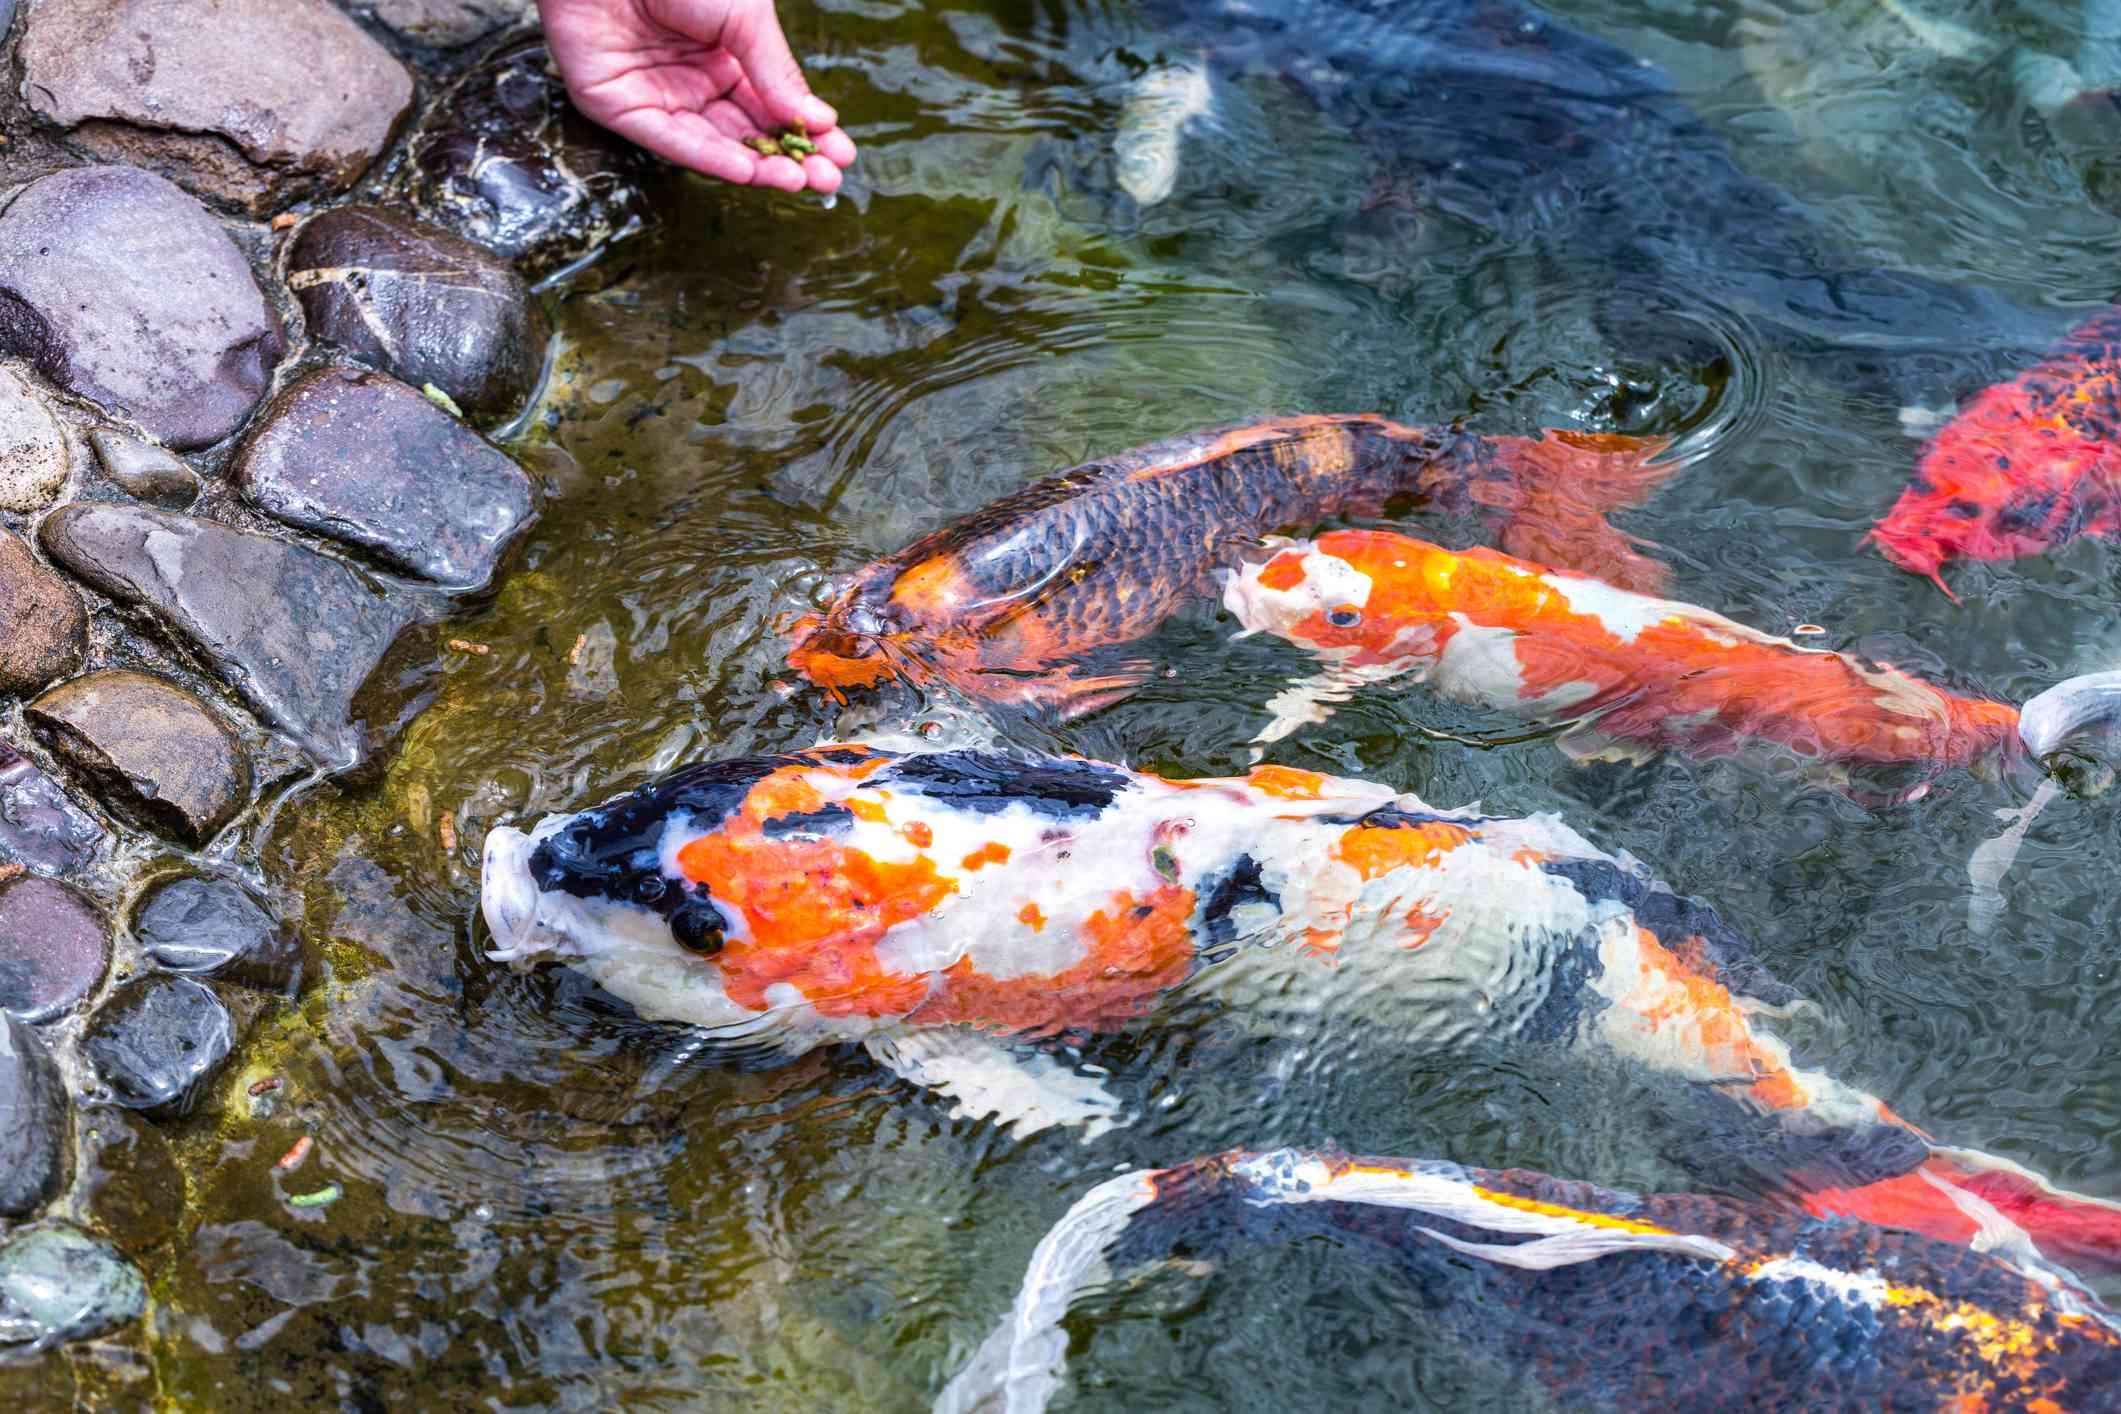 Koi fish feeding on a rocky shore.